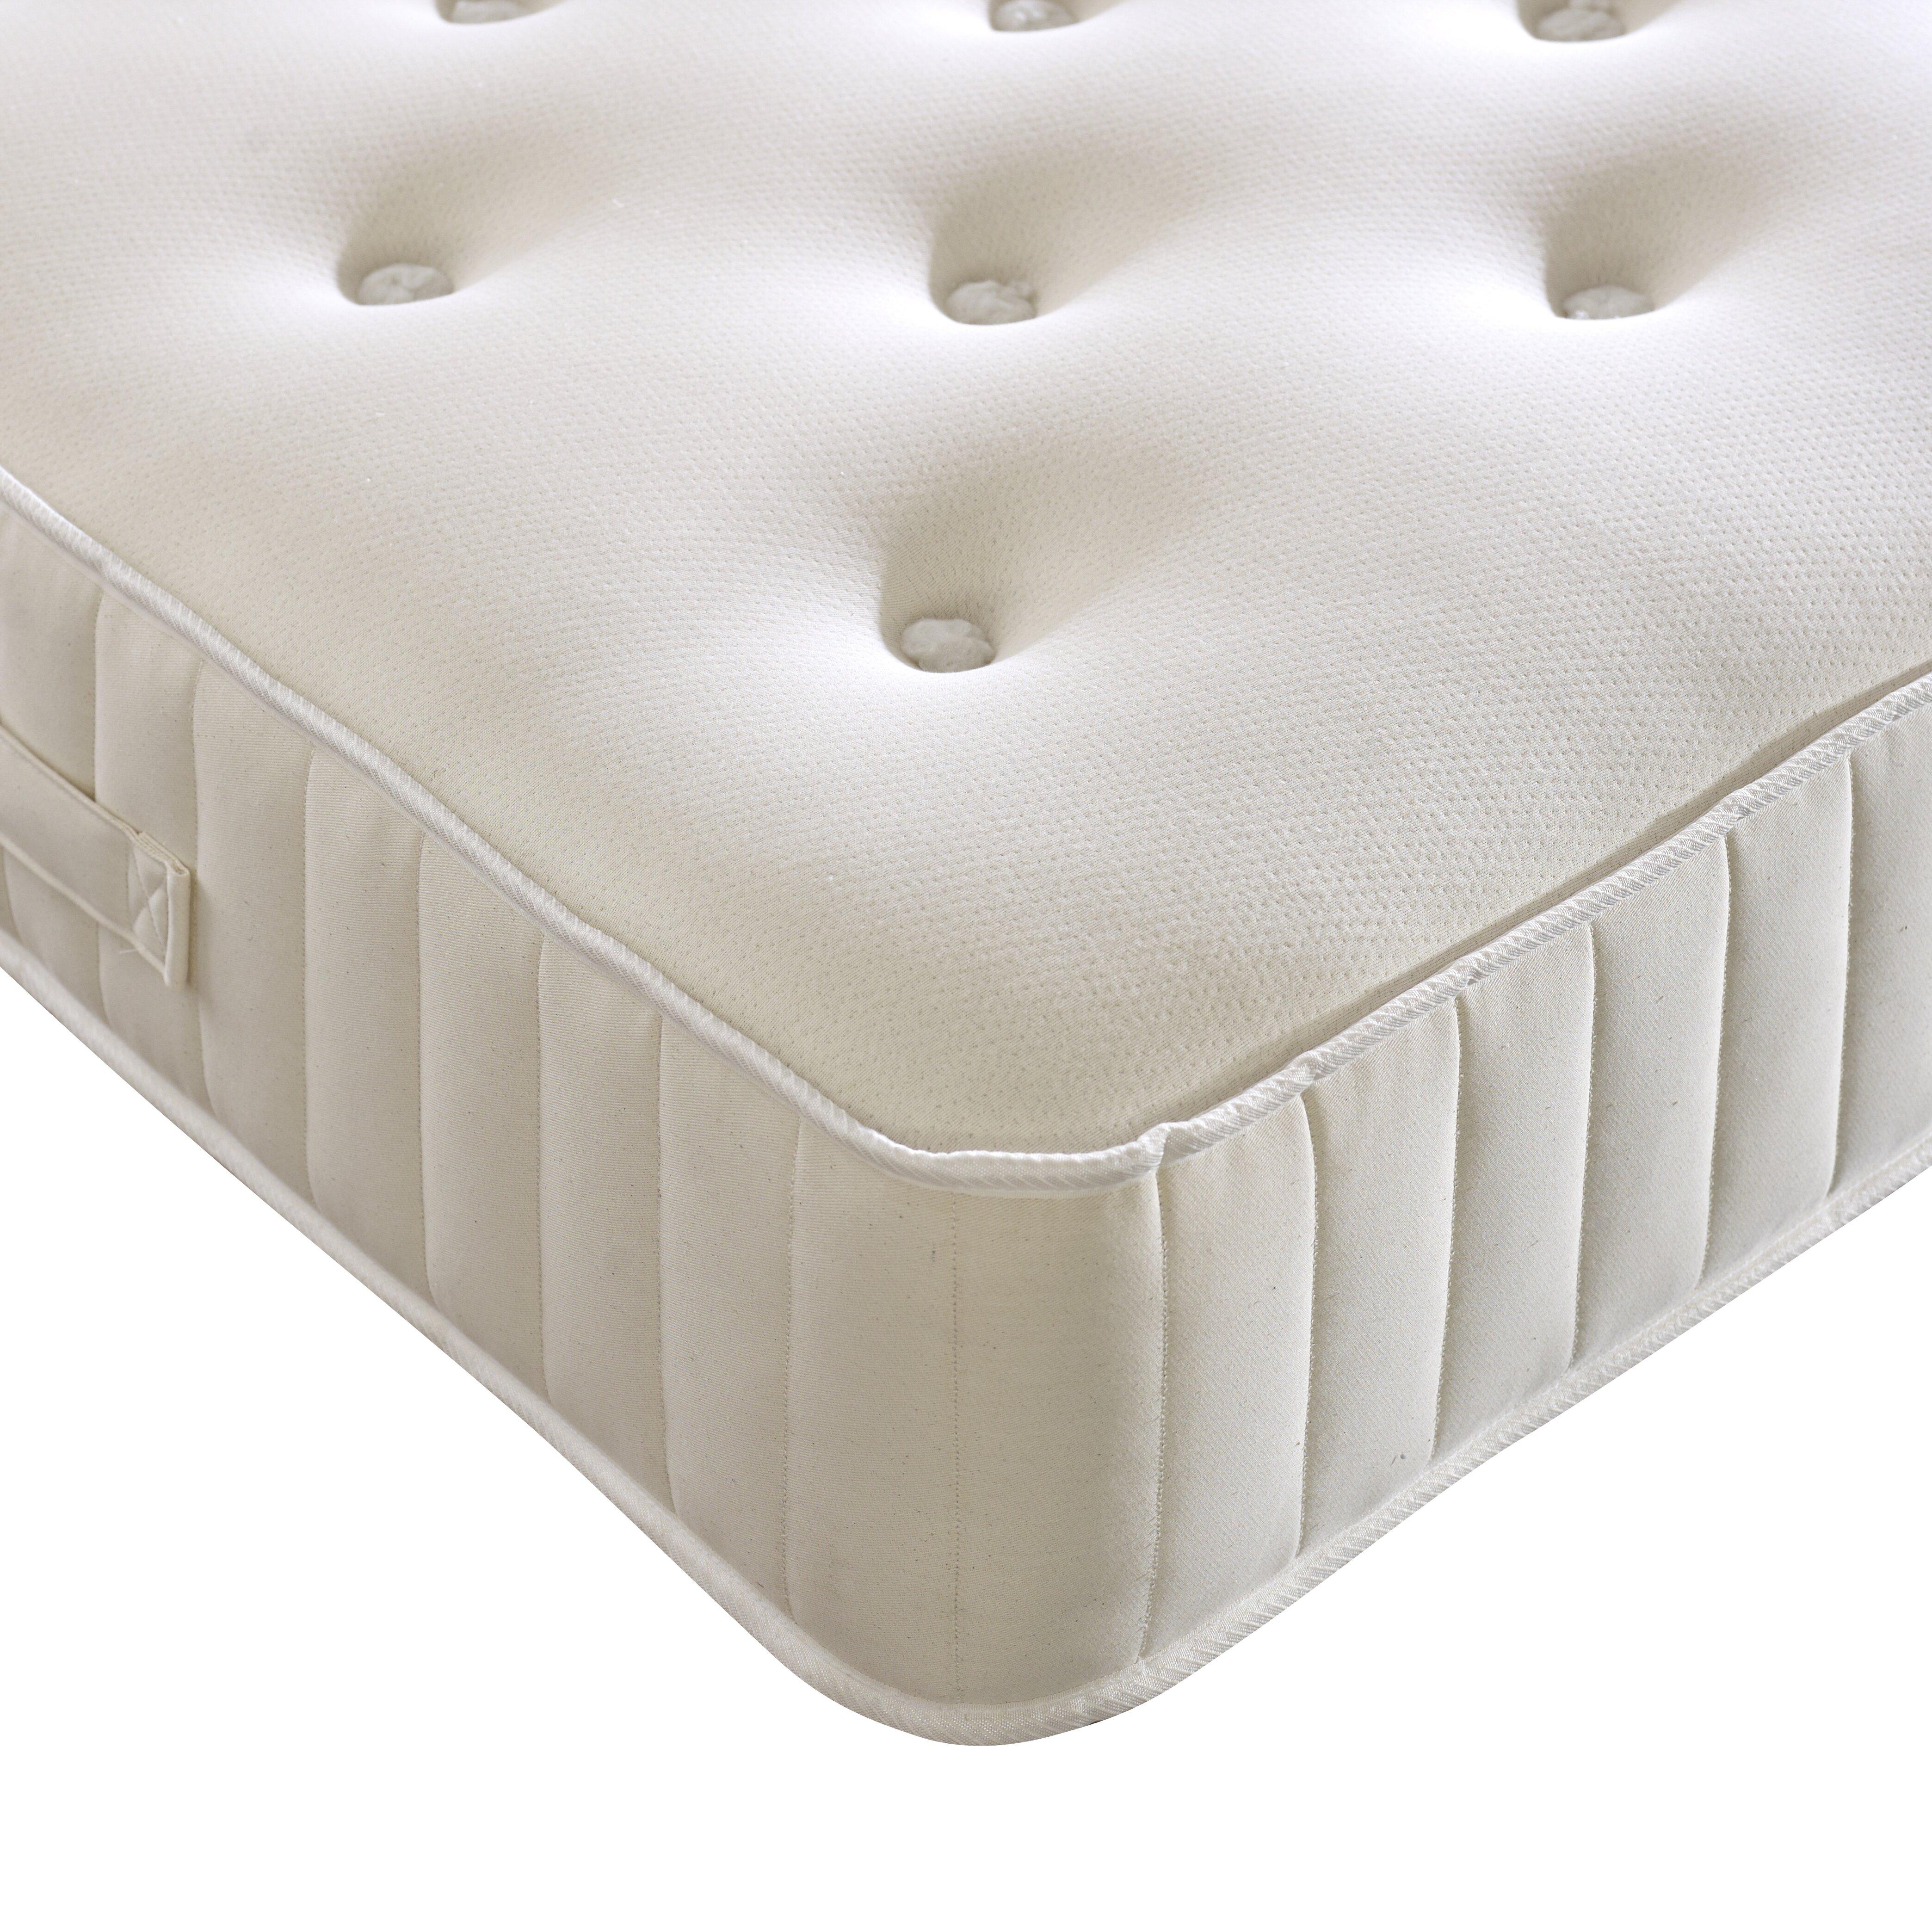 King Bedroom Sets Under 1000 Shbe Pocket Sprung 2000 Mattress Amp Reviews Wayfair Co Uk